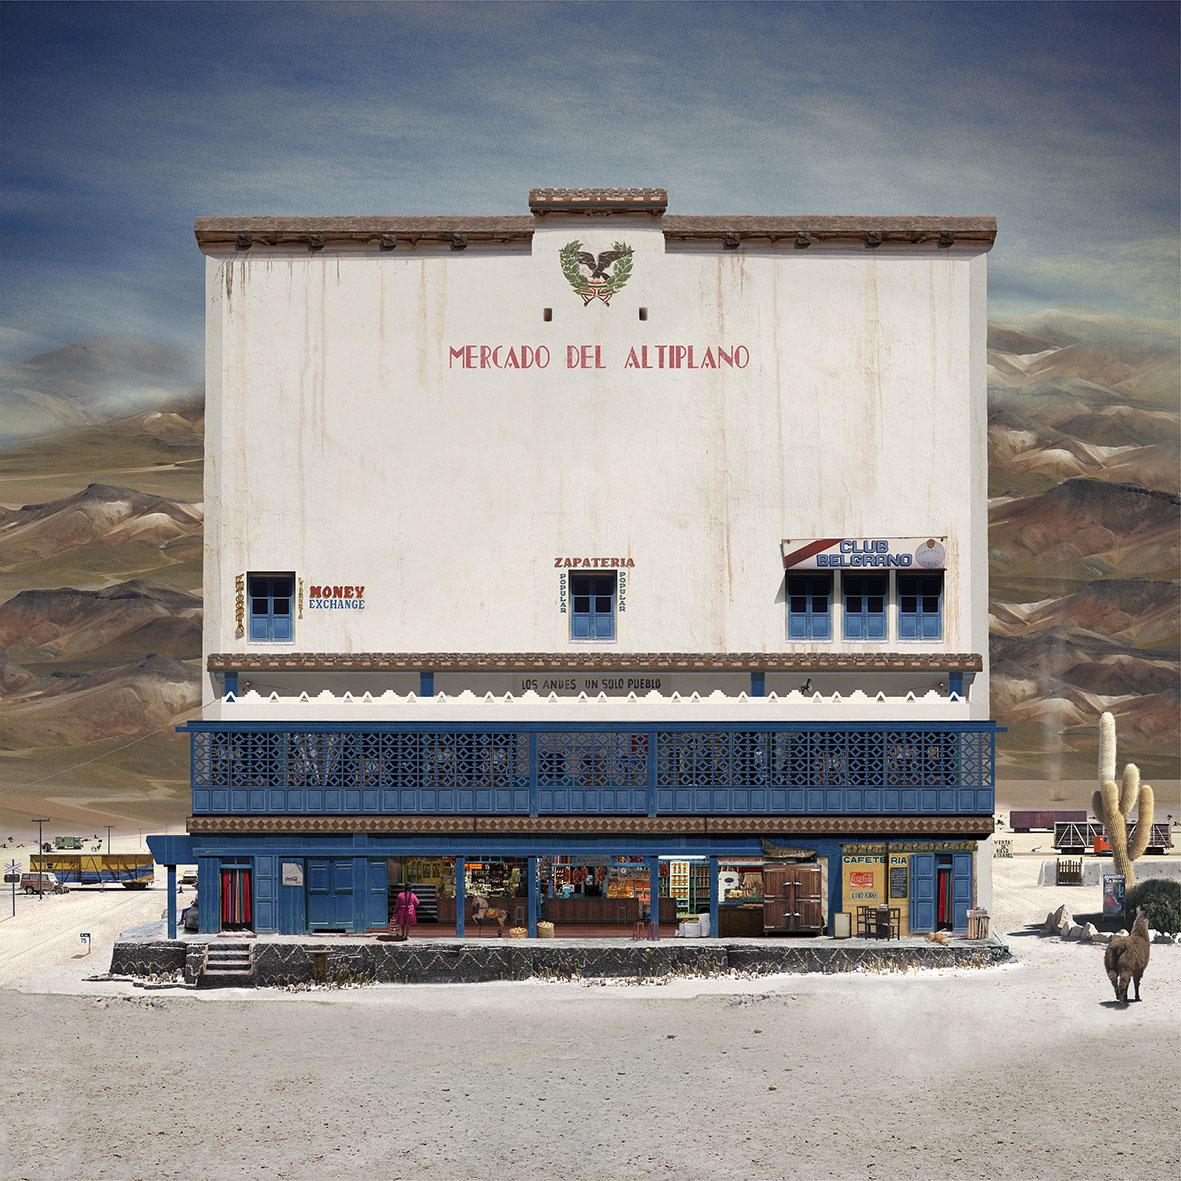 Mercado del Altiplano, 2014